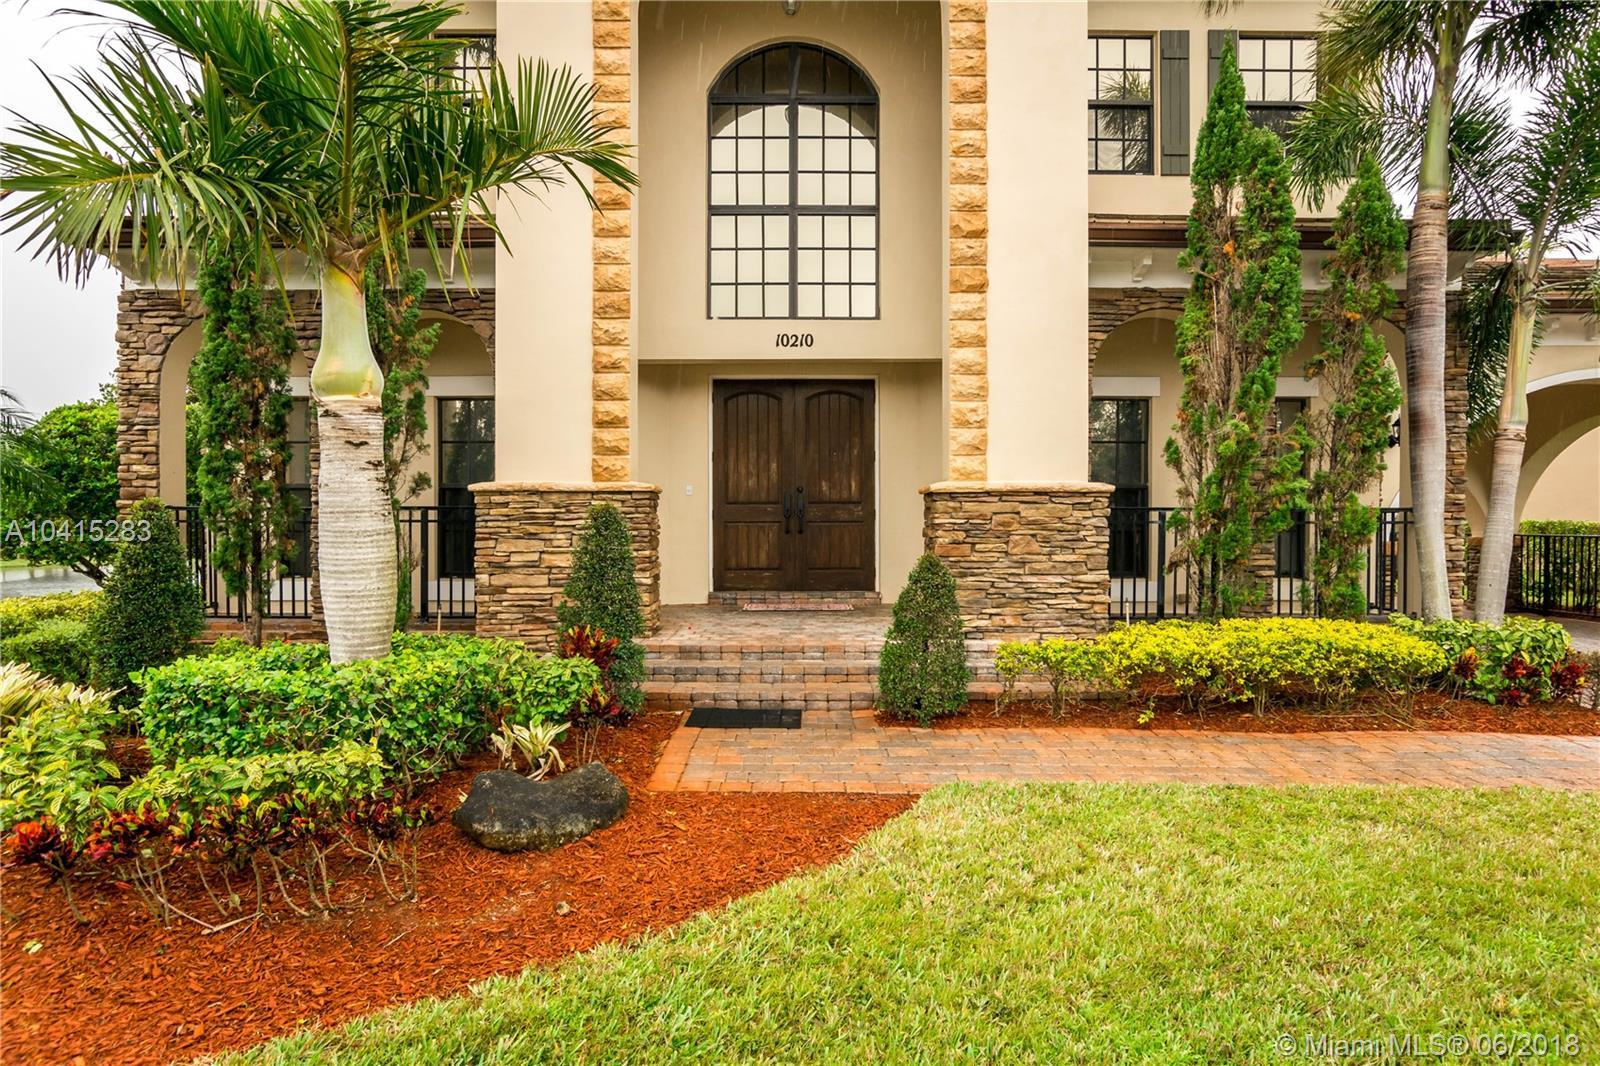 10210 Majestic Trl, Parkland FL, 33076